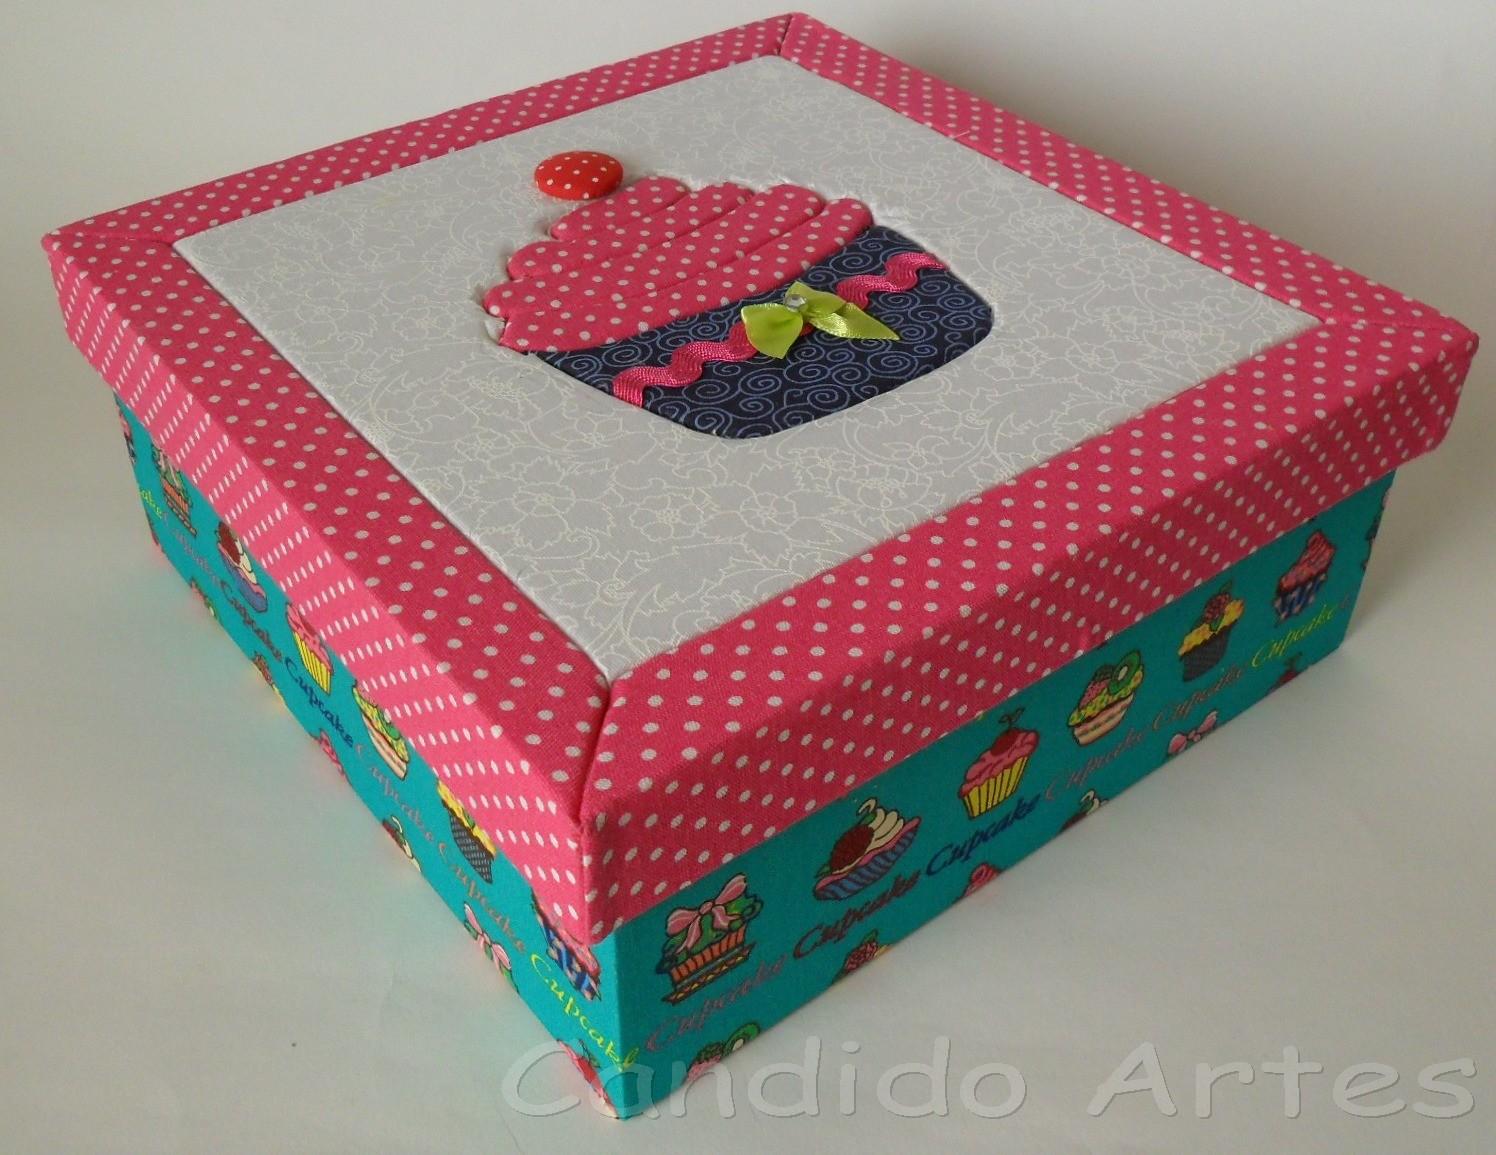 Linda caixa artesanal em MDF toda forrada em tecido 100% algodão a  #147B79 1496x1155